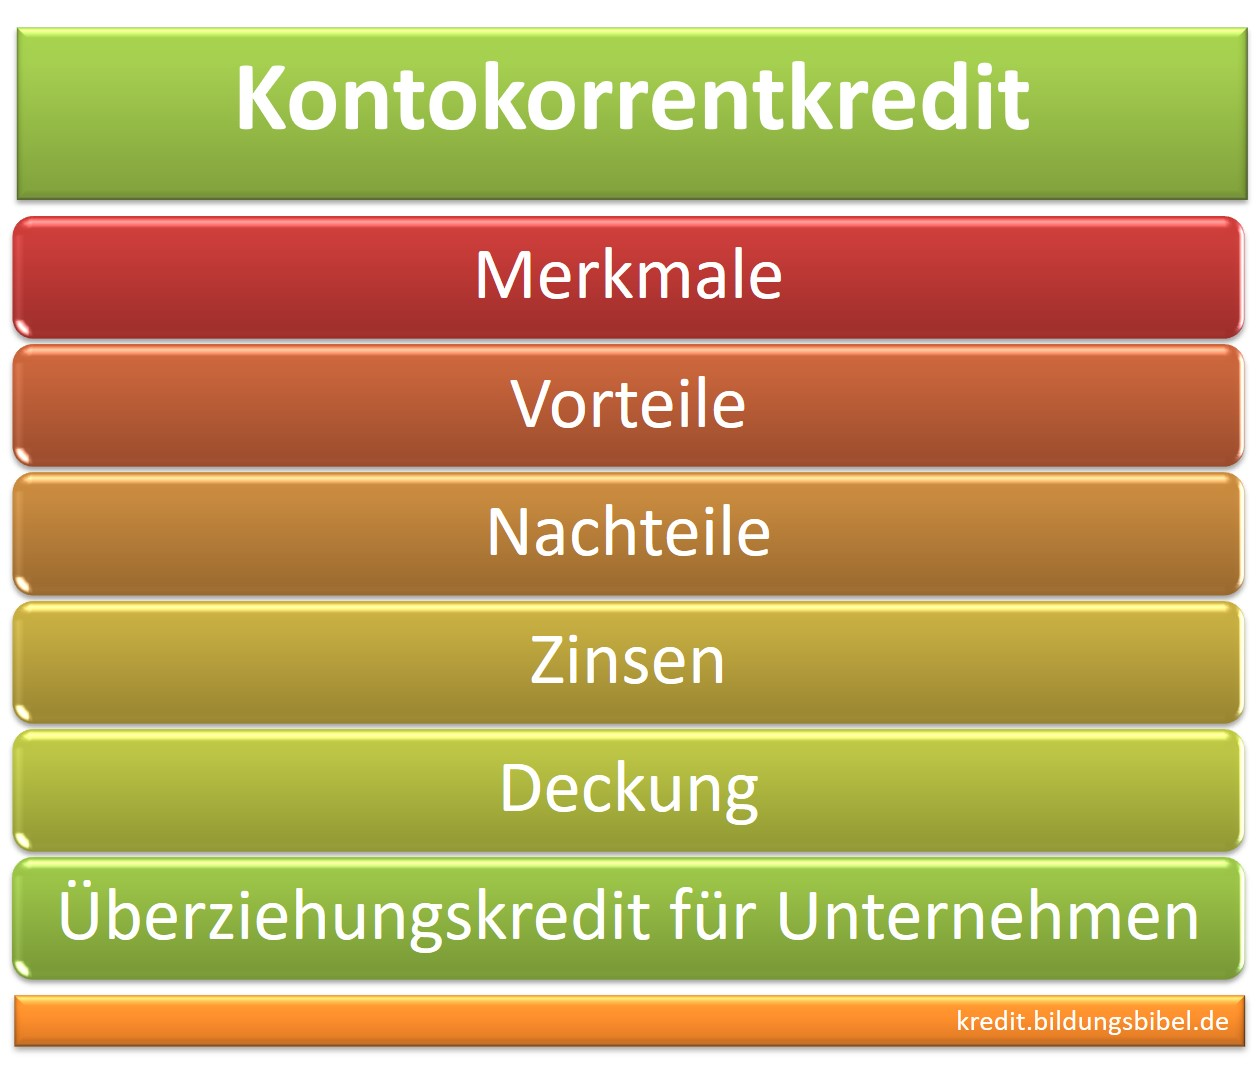 Der Kontokorrentkredit die Merkmale, Vorteile und Nachteile, Zinsen, Deckung, der Überziehungskredit für Unternehmen